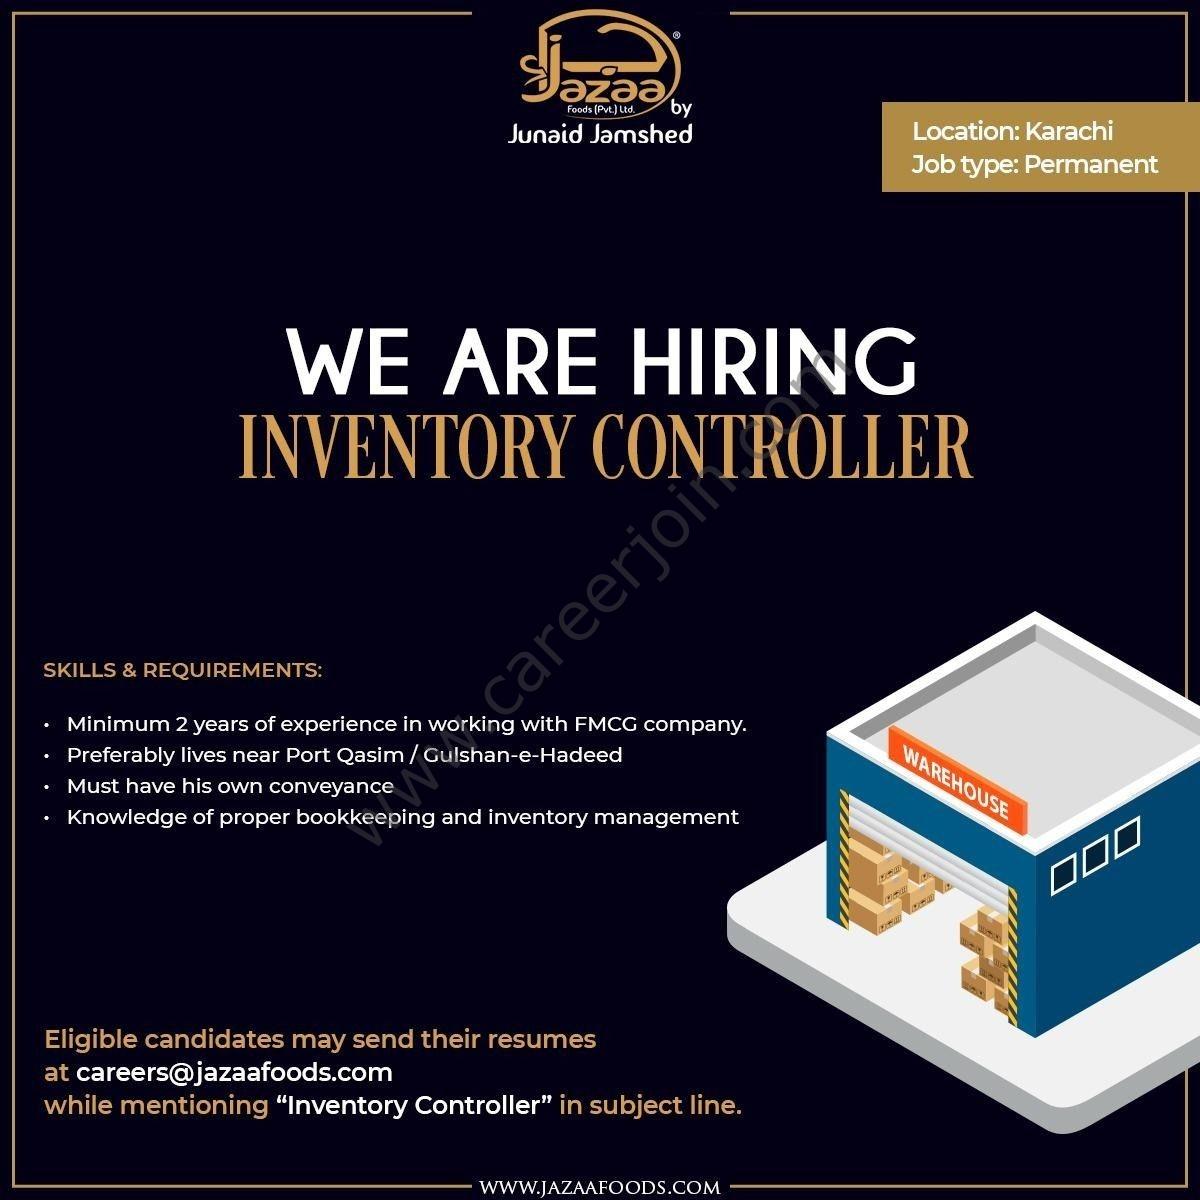 Jazaa Foods Pvt Ltd Jobs 2021 Inventory Controller - Jazaa Foods Careers - Apply via careers@jazaafoods.com